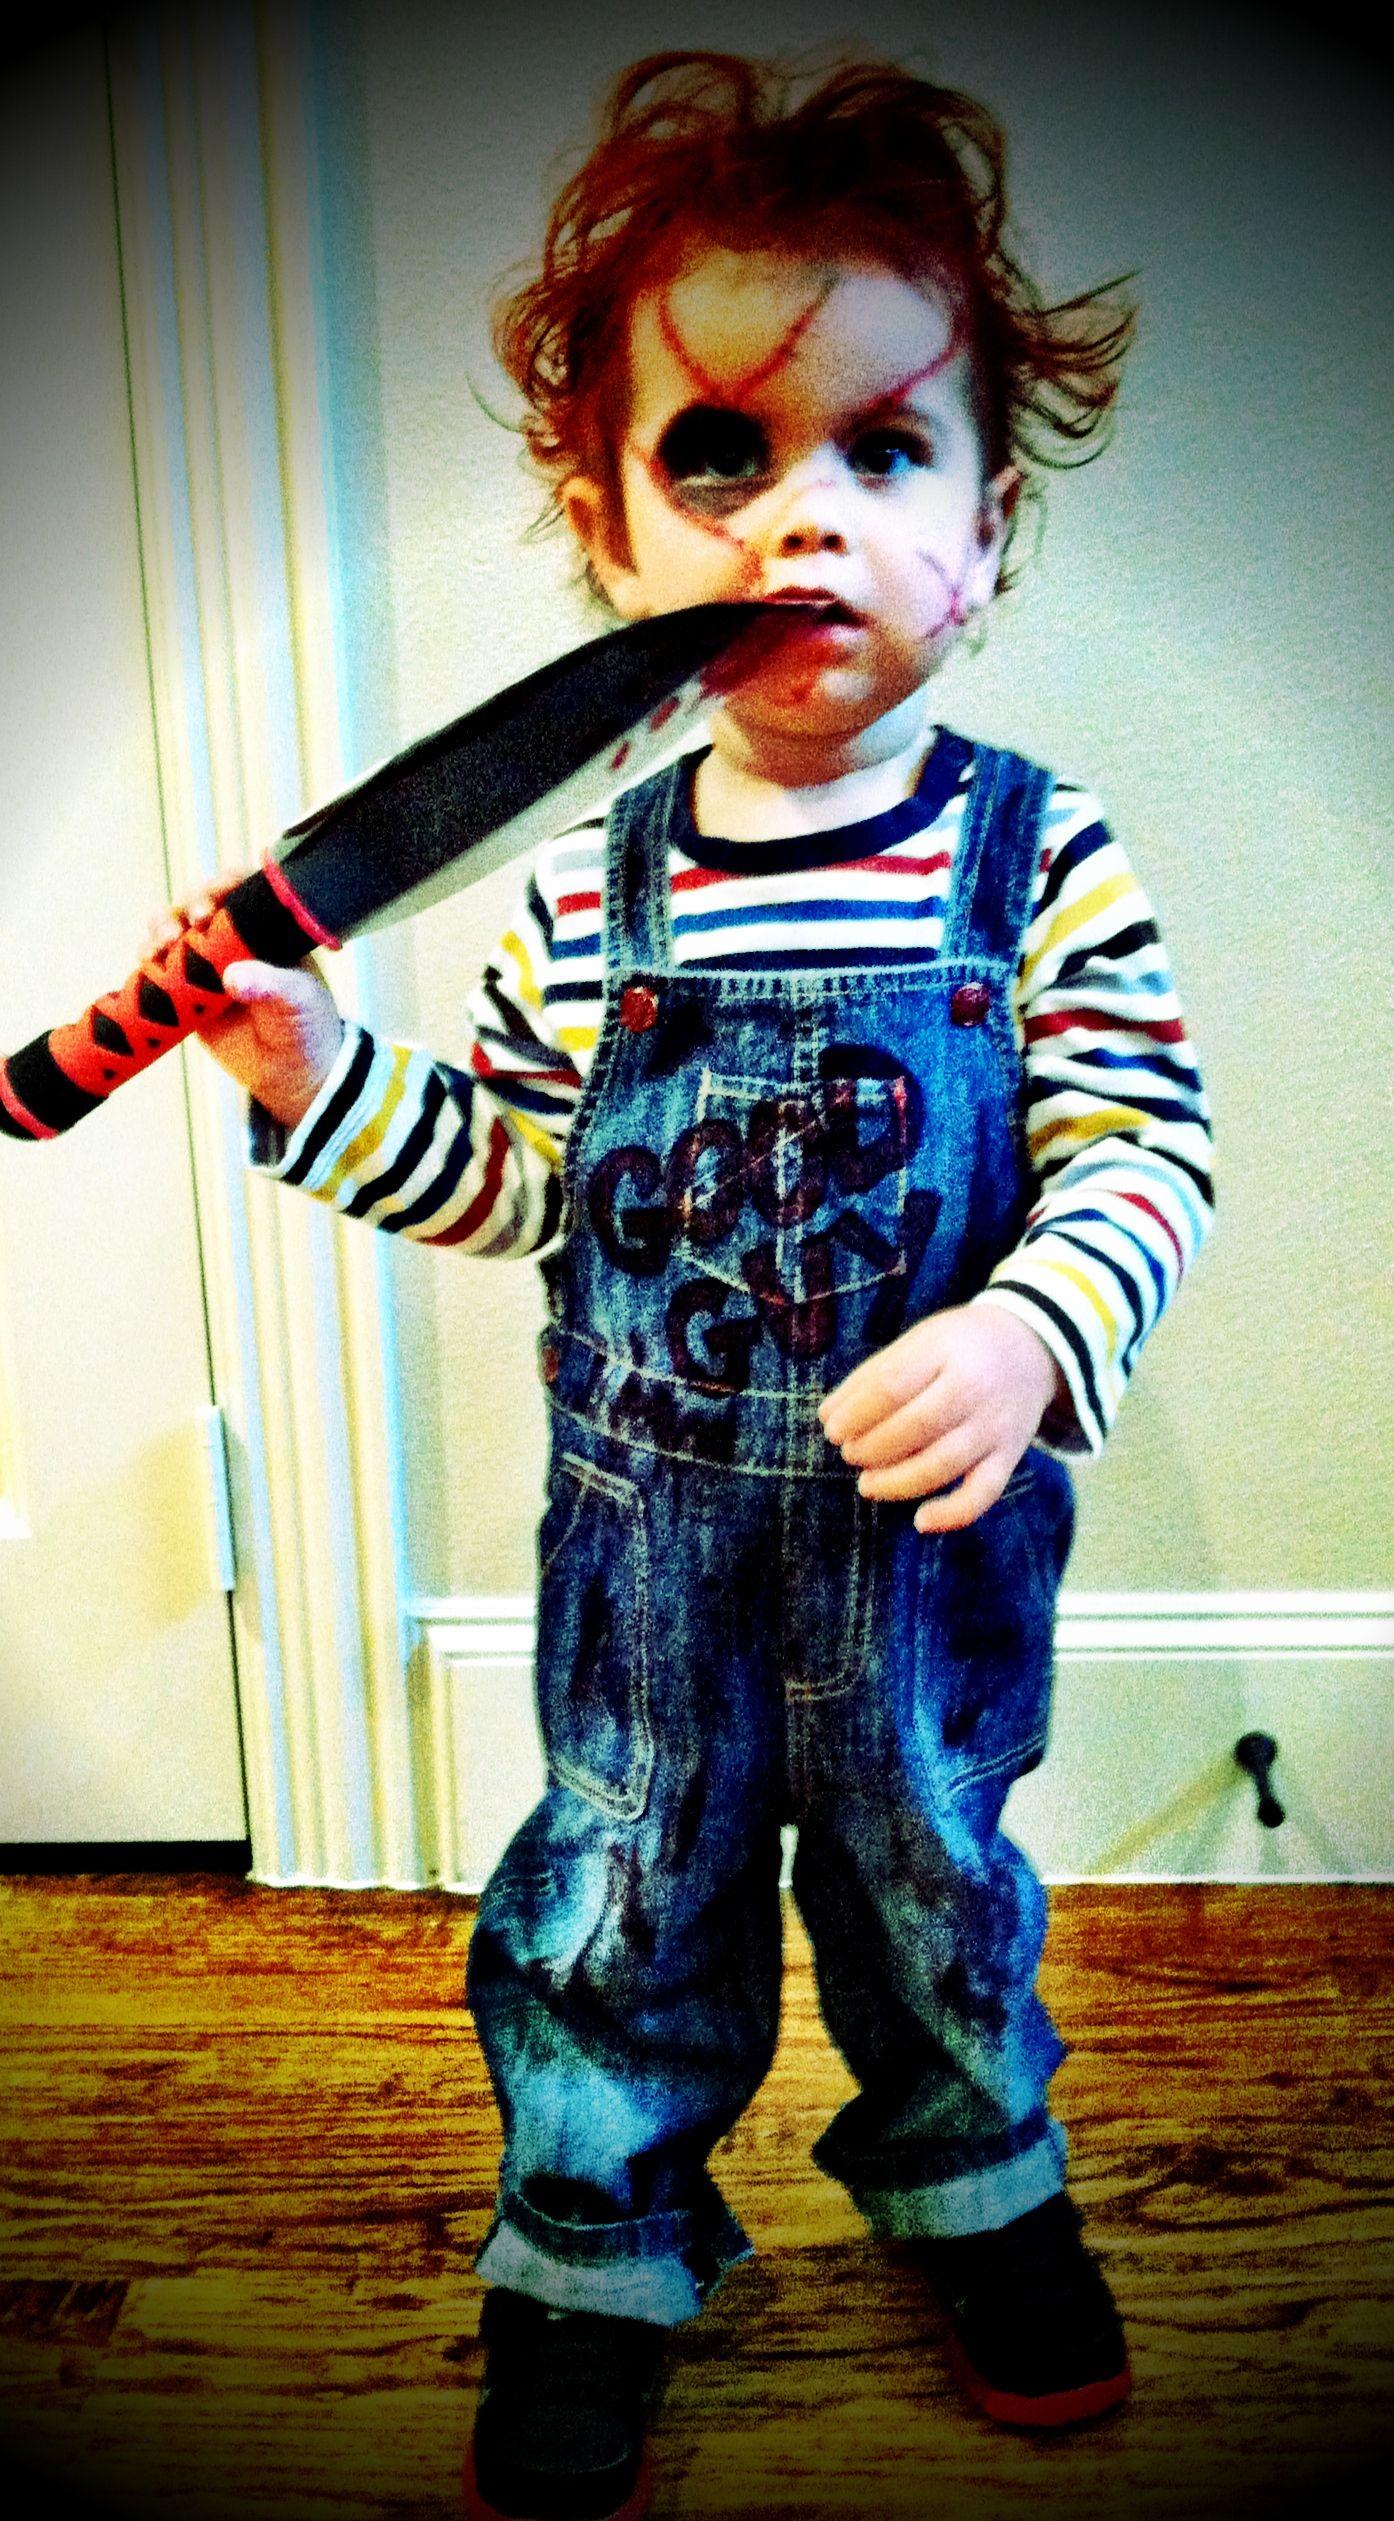 Las mejores ideas de disfraces de halloween para ni os - Disfraz joker casero ...